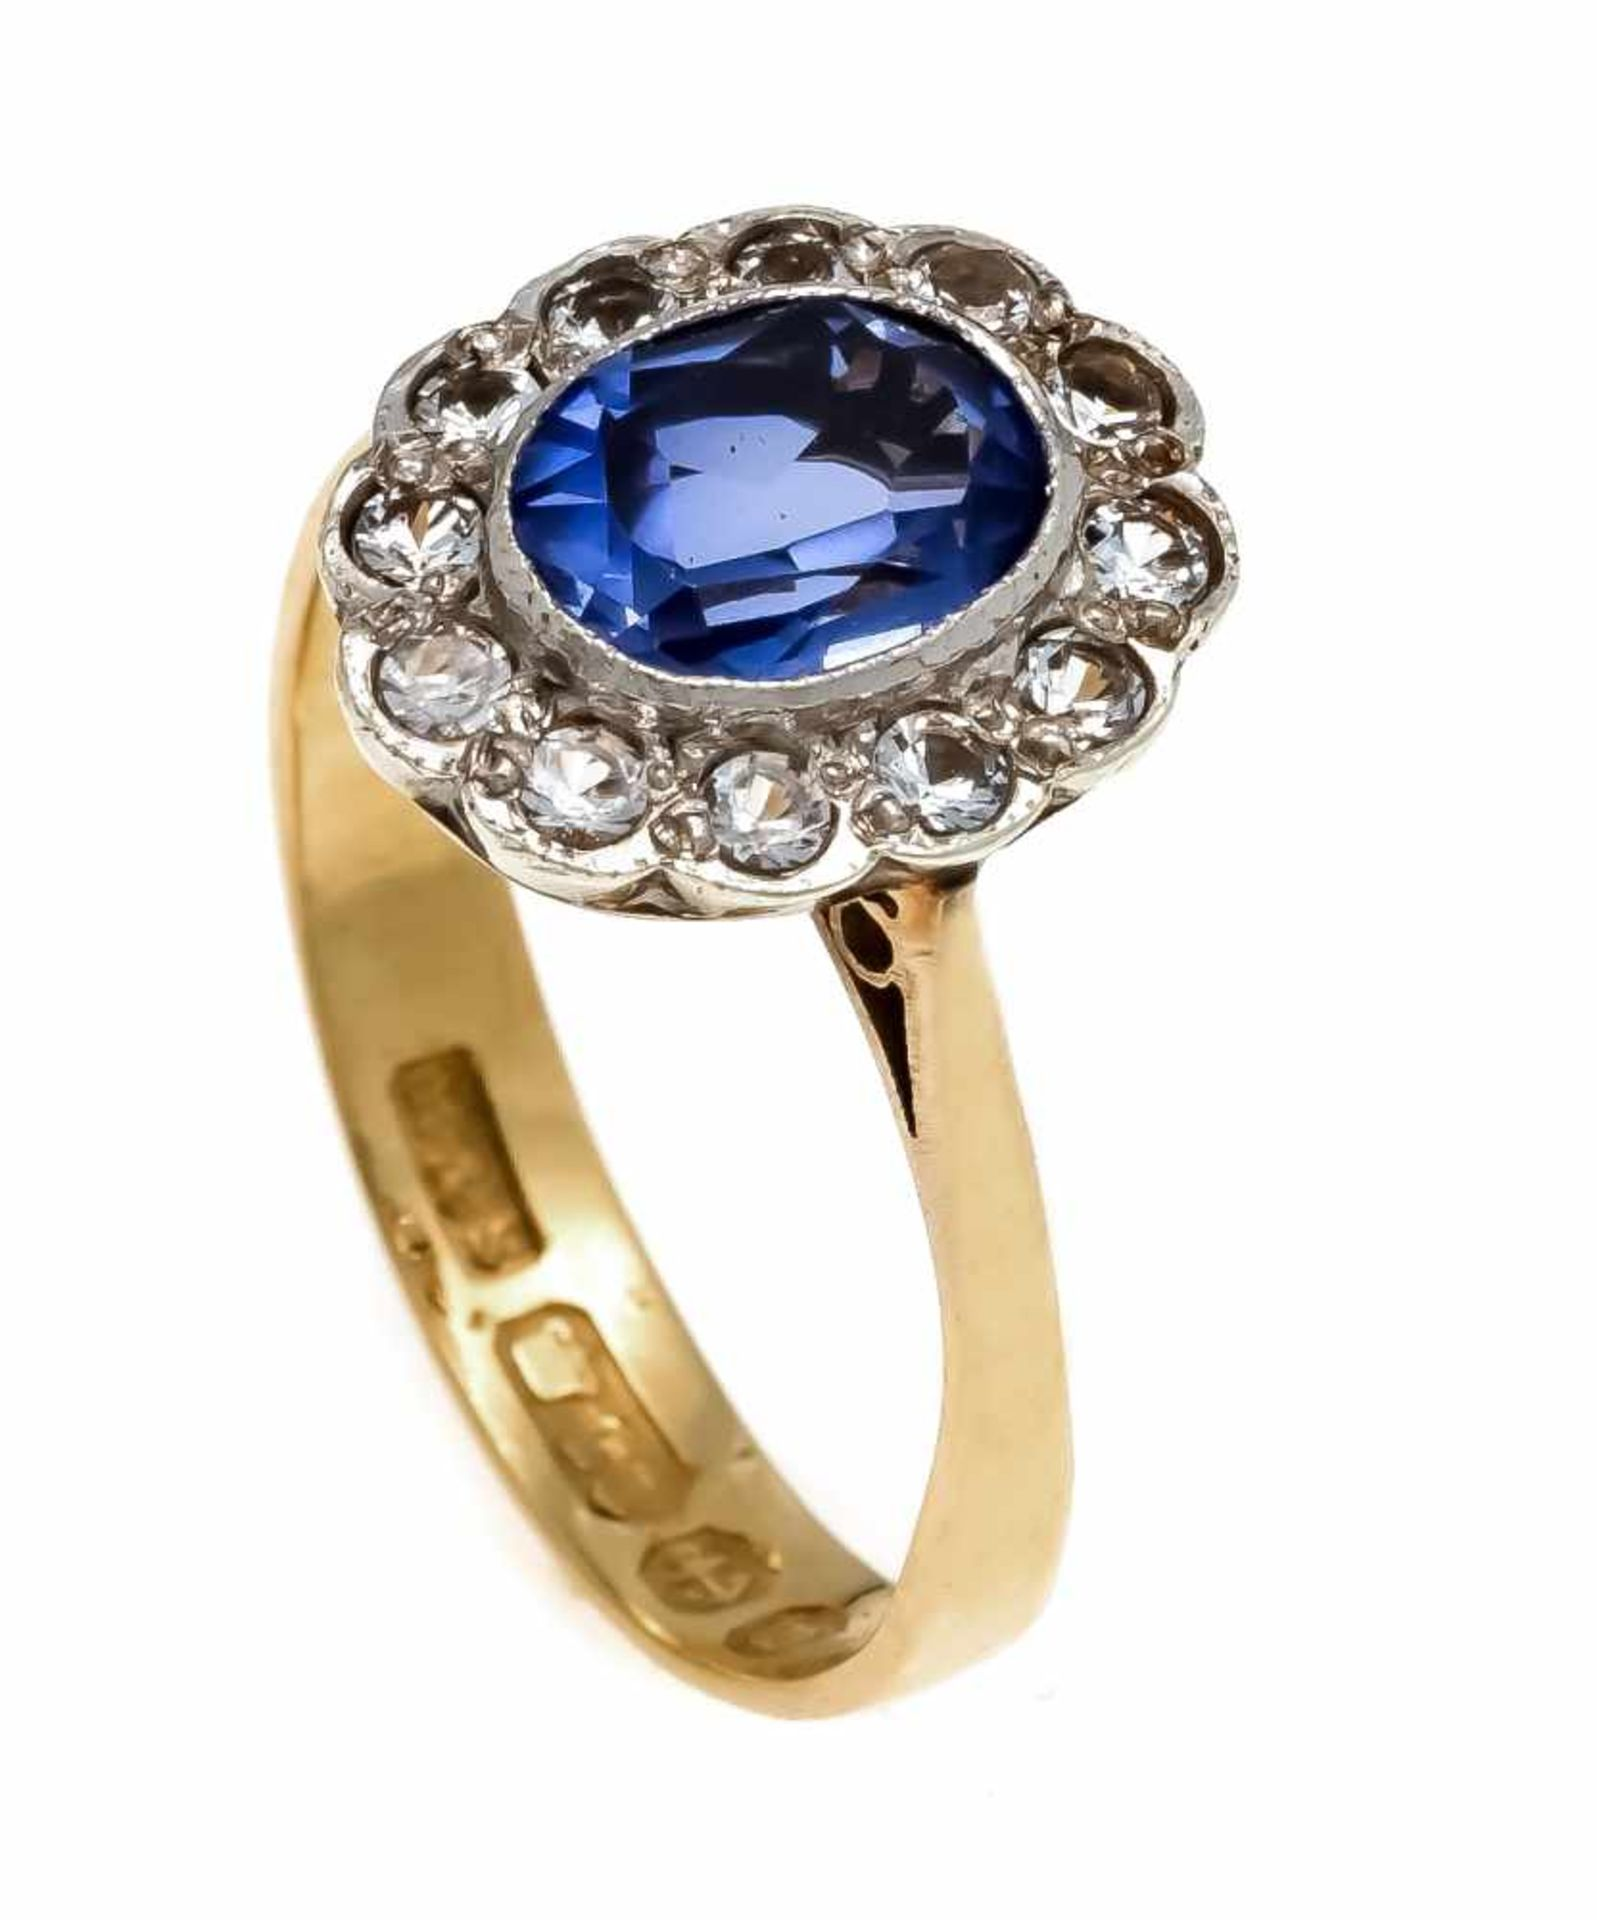 Saphir-Ring GG/WG 900/000 mit einem oval fac. Saphir 8 x 6 mm in sehr guter Farbe und Reinheit sowie